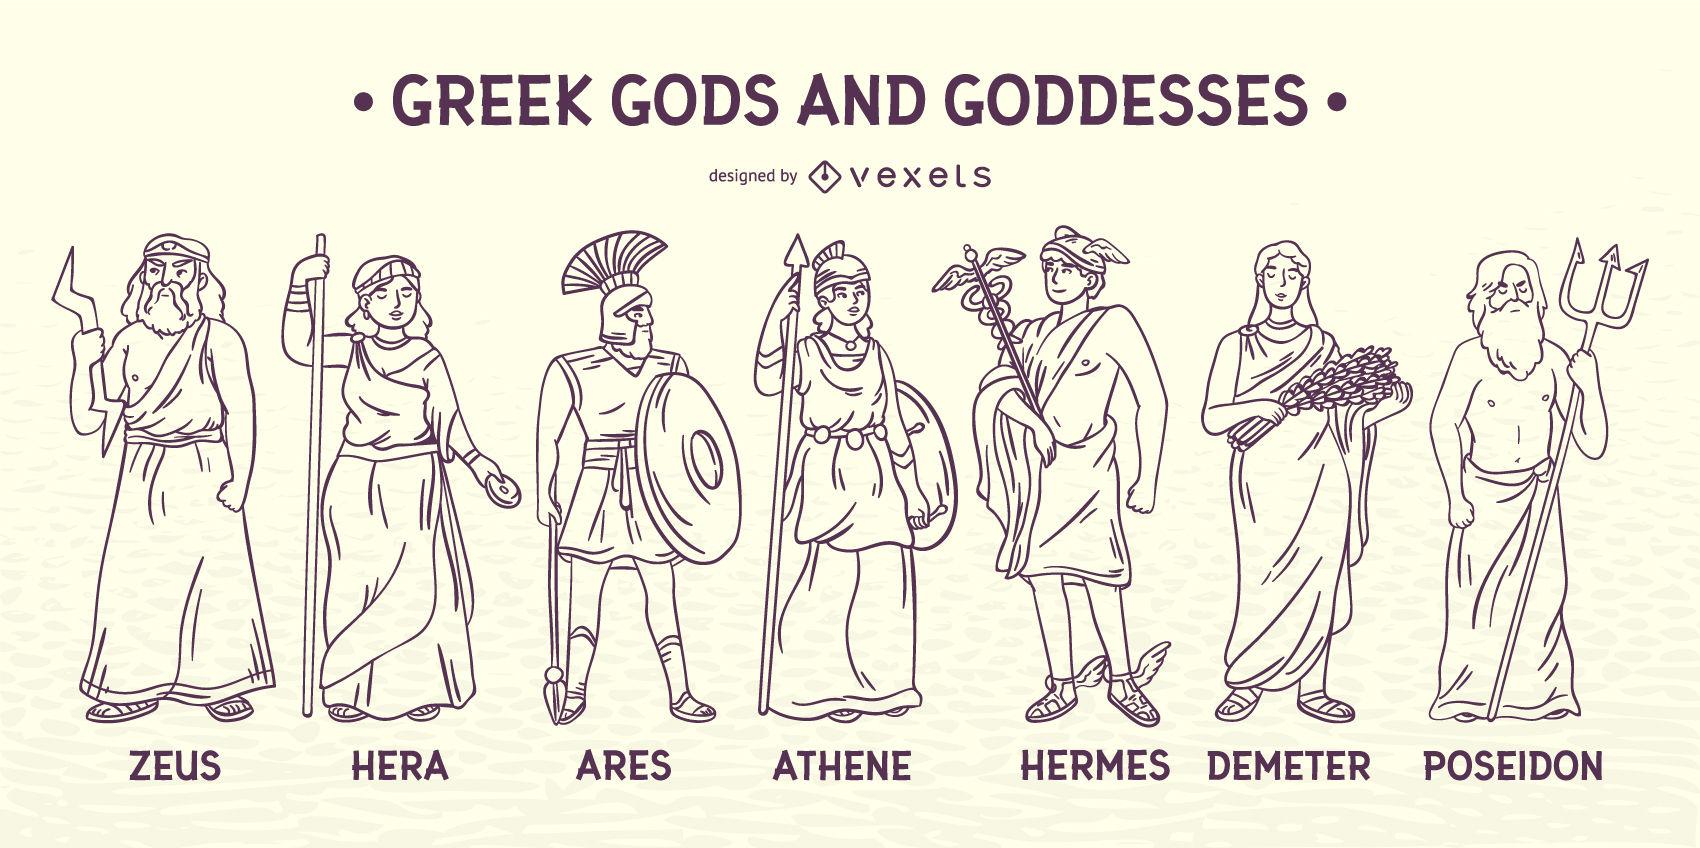 Streicheln Sie Griechische Götter Und Göttinnen - Vektor ganzes Griechische Götter Bilder Und Namen